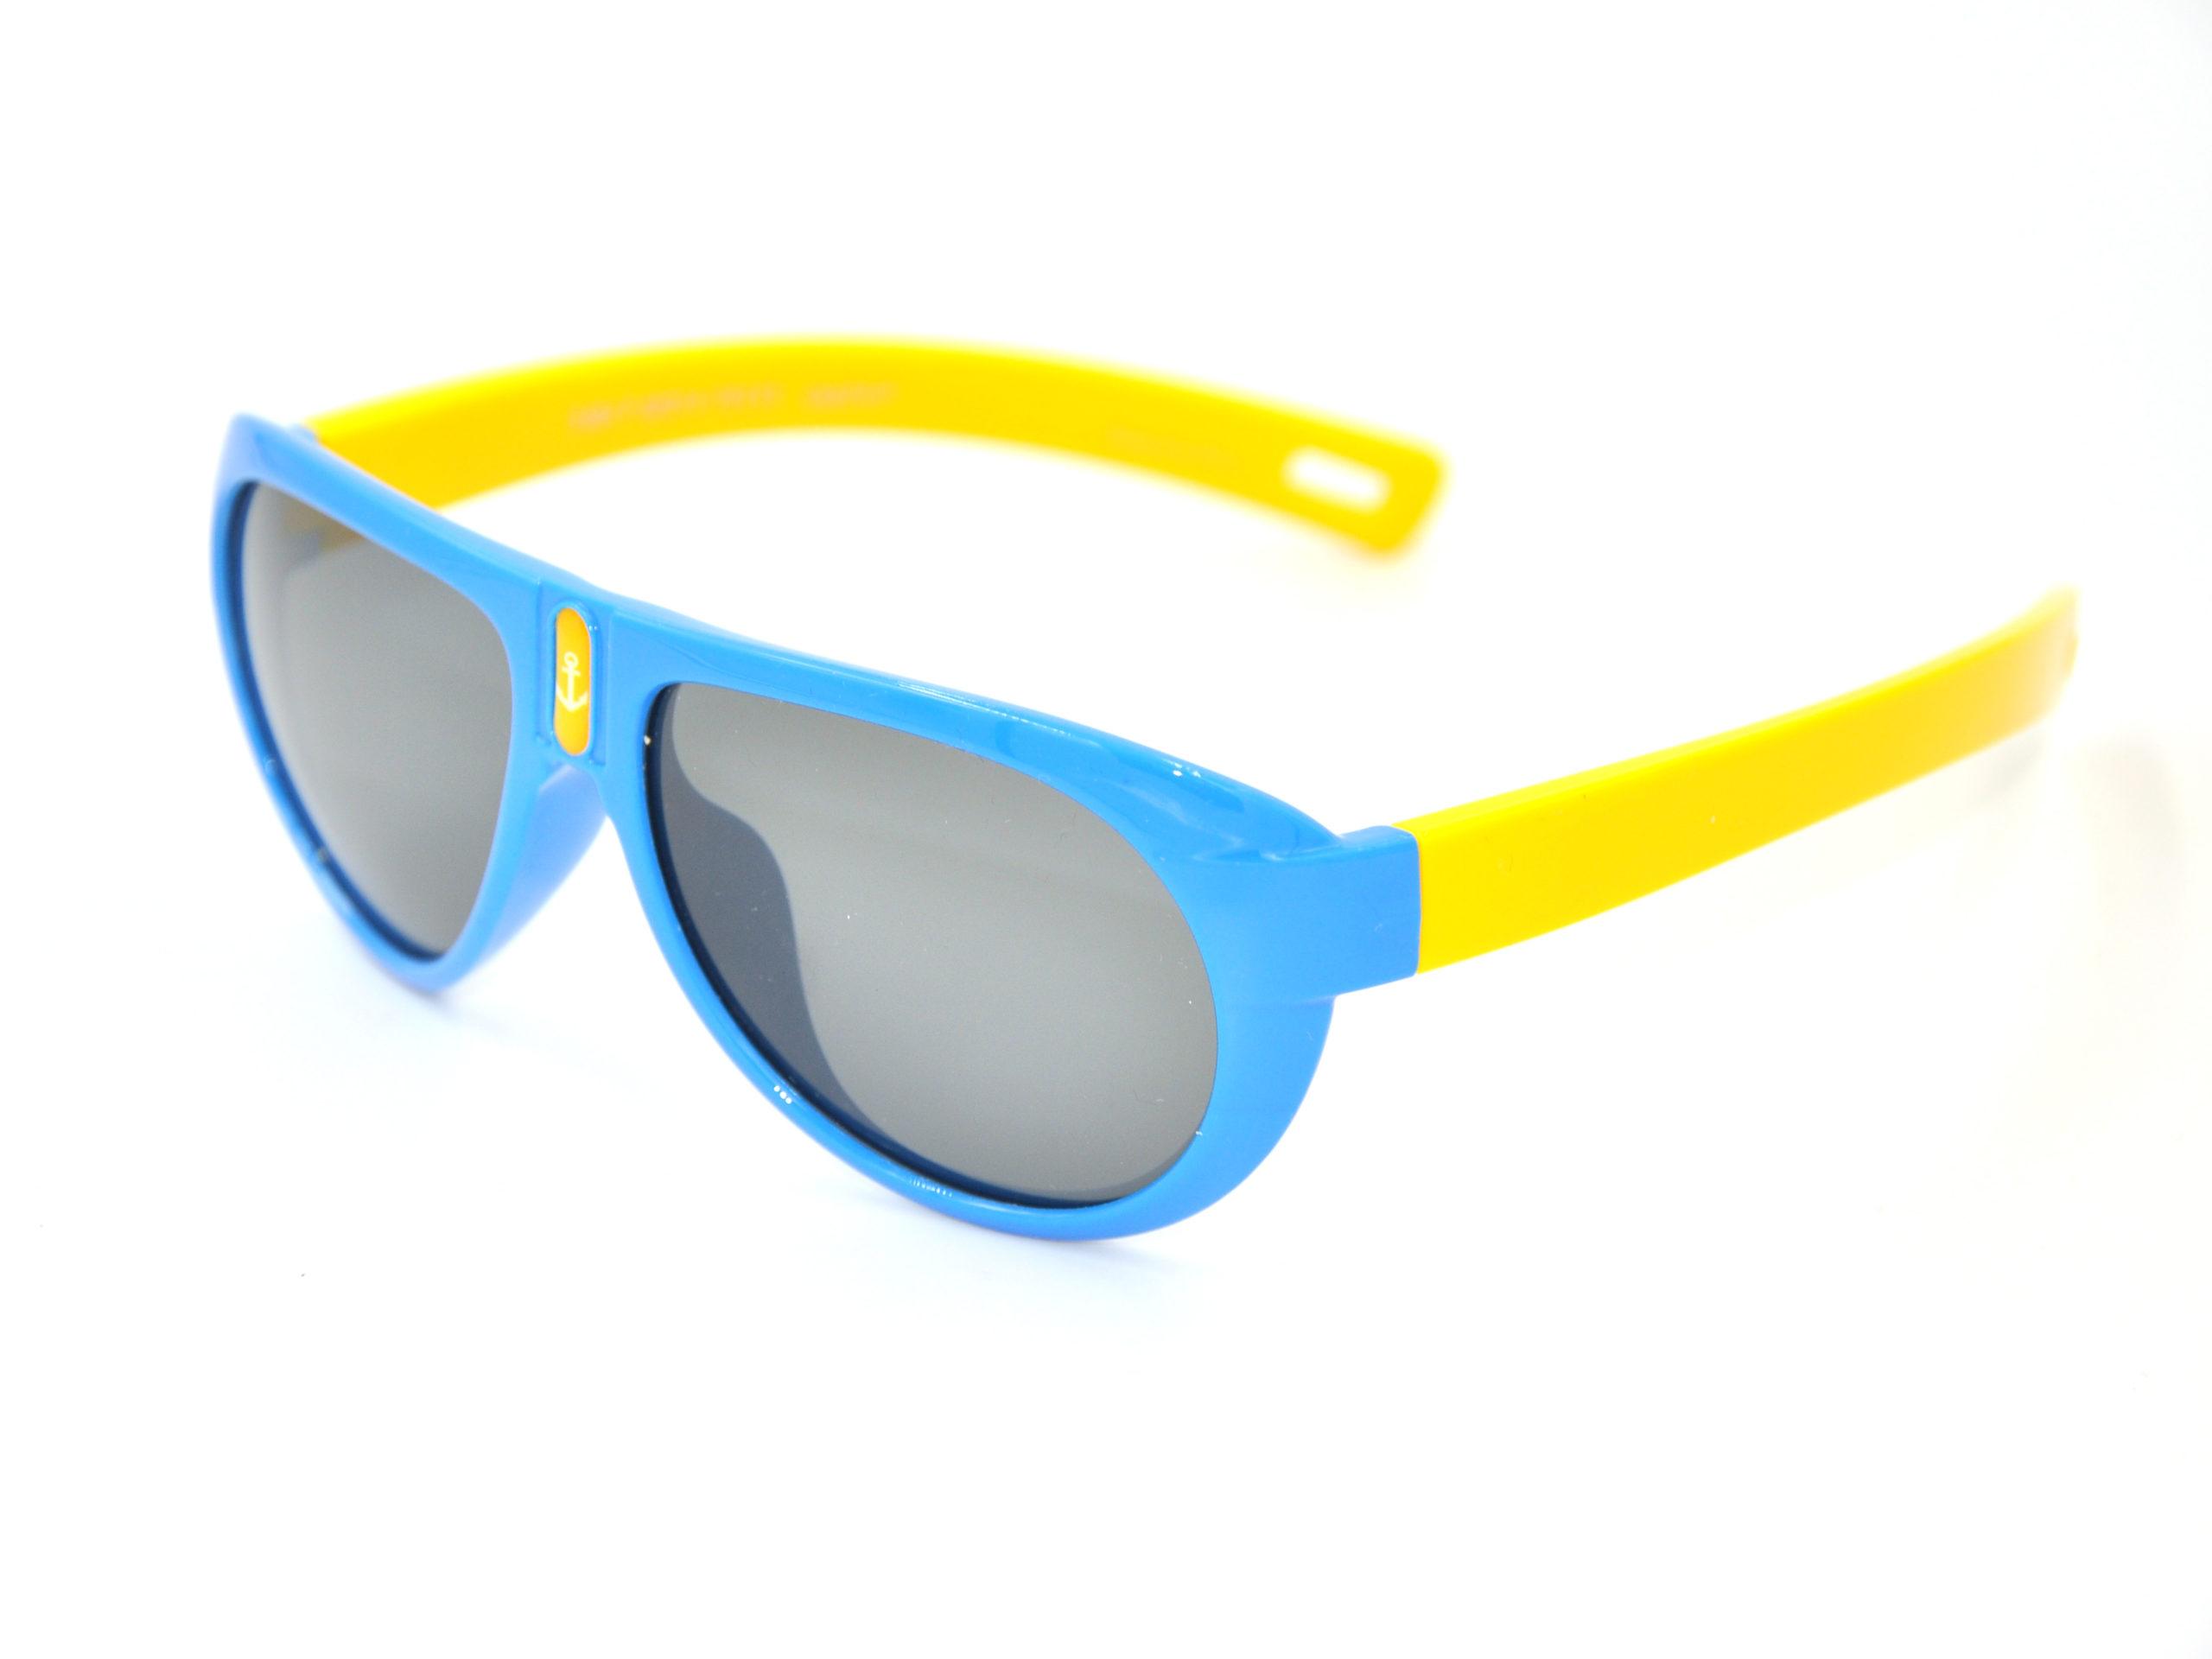 QUADRANT S824 P5 Sunglasses 2020